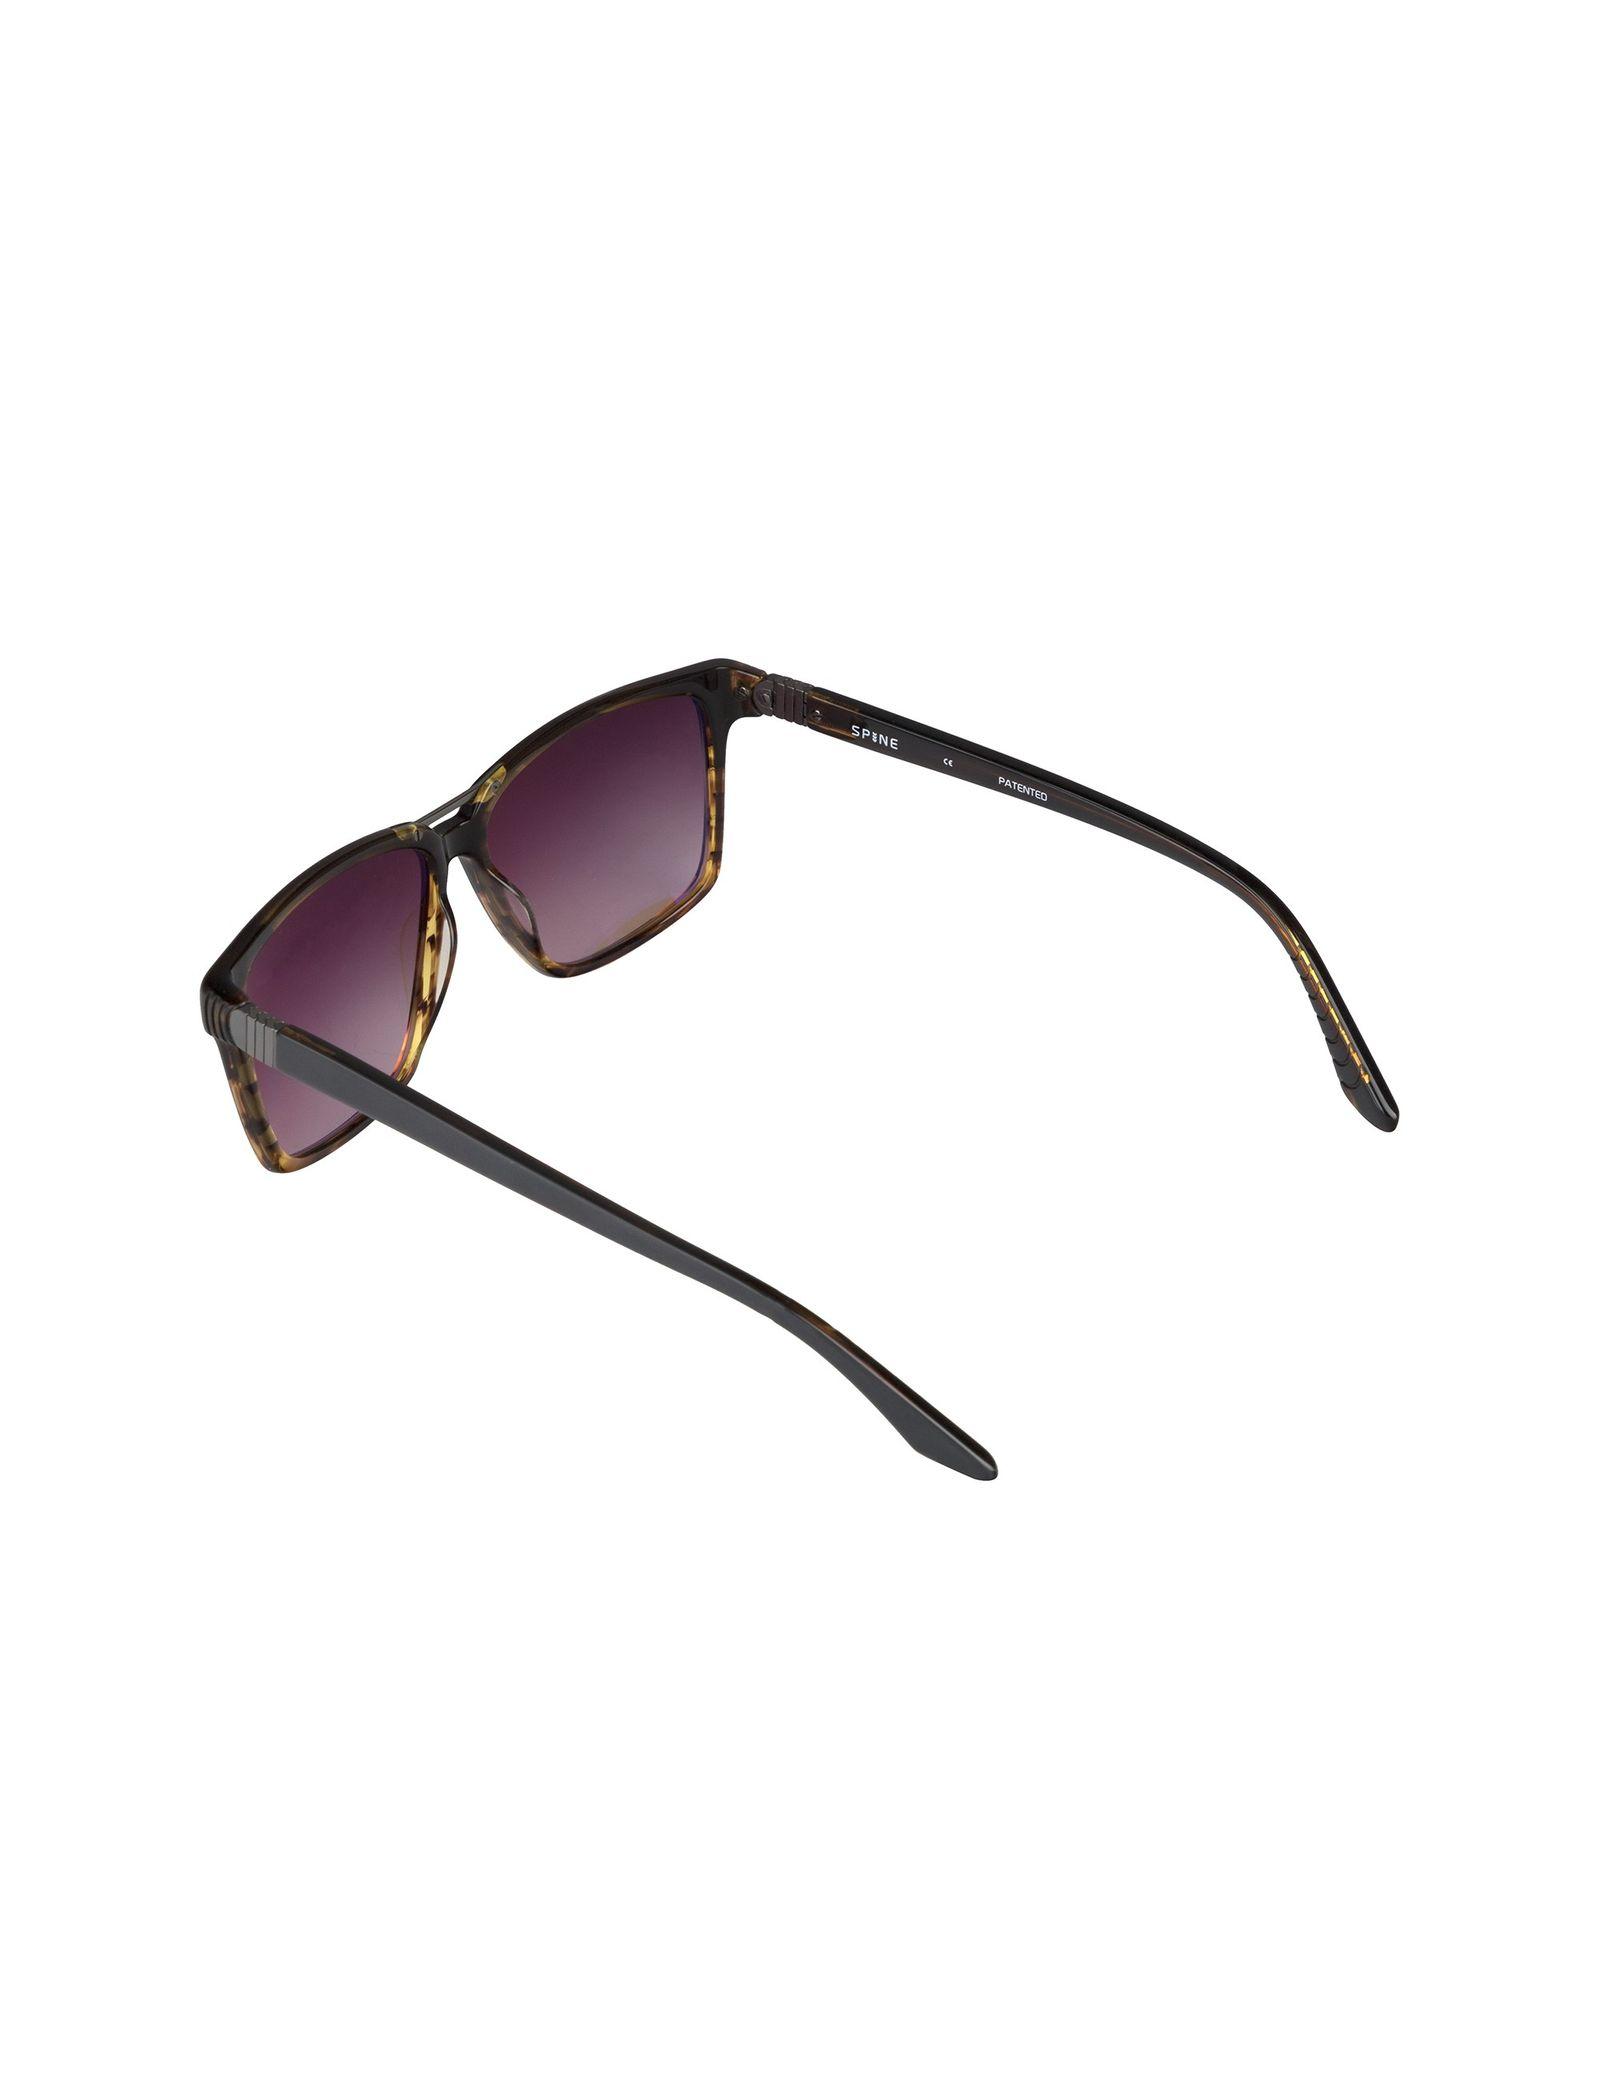 عینک آفتابی ویفرر مردانه - اسپاین - طوسي و قهوه اي - 4